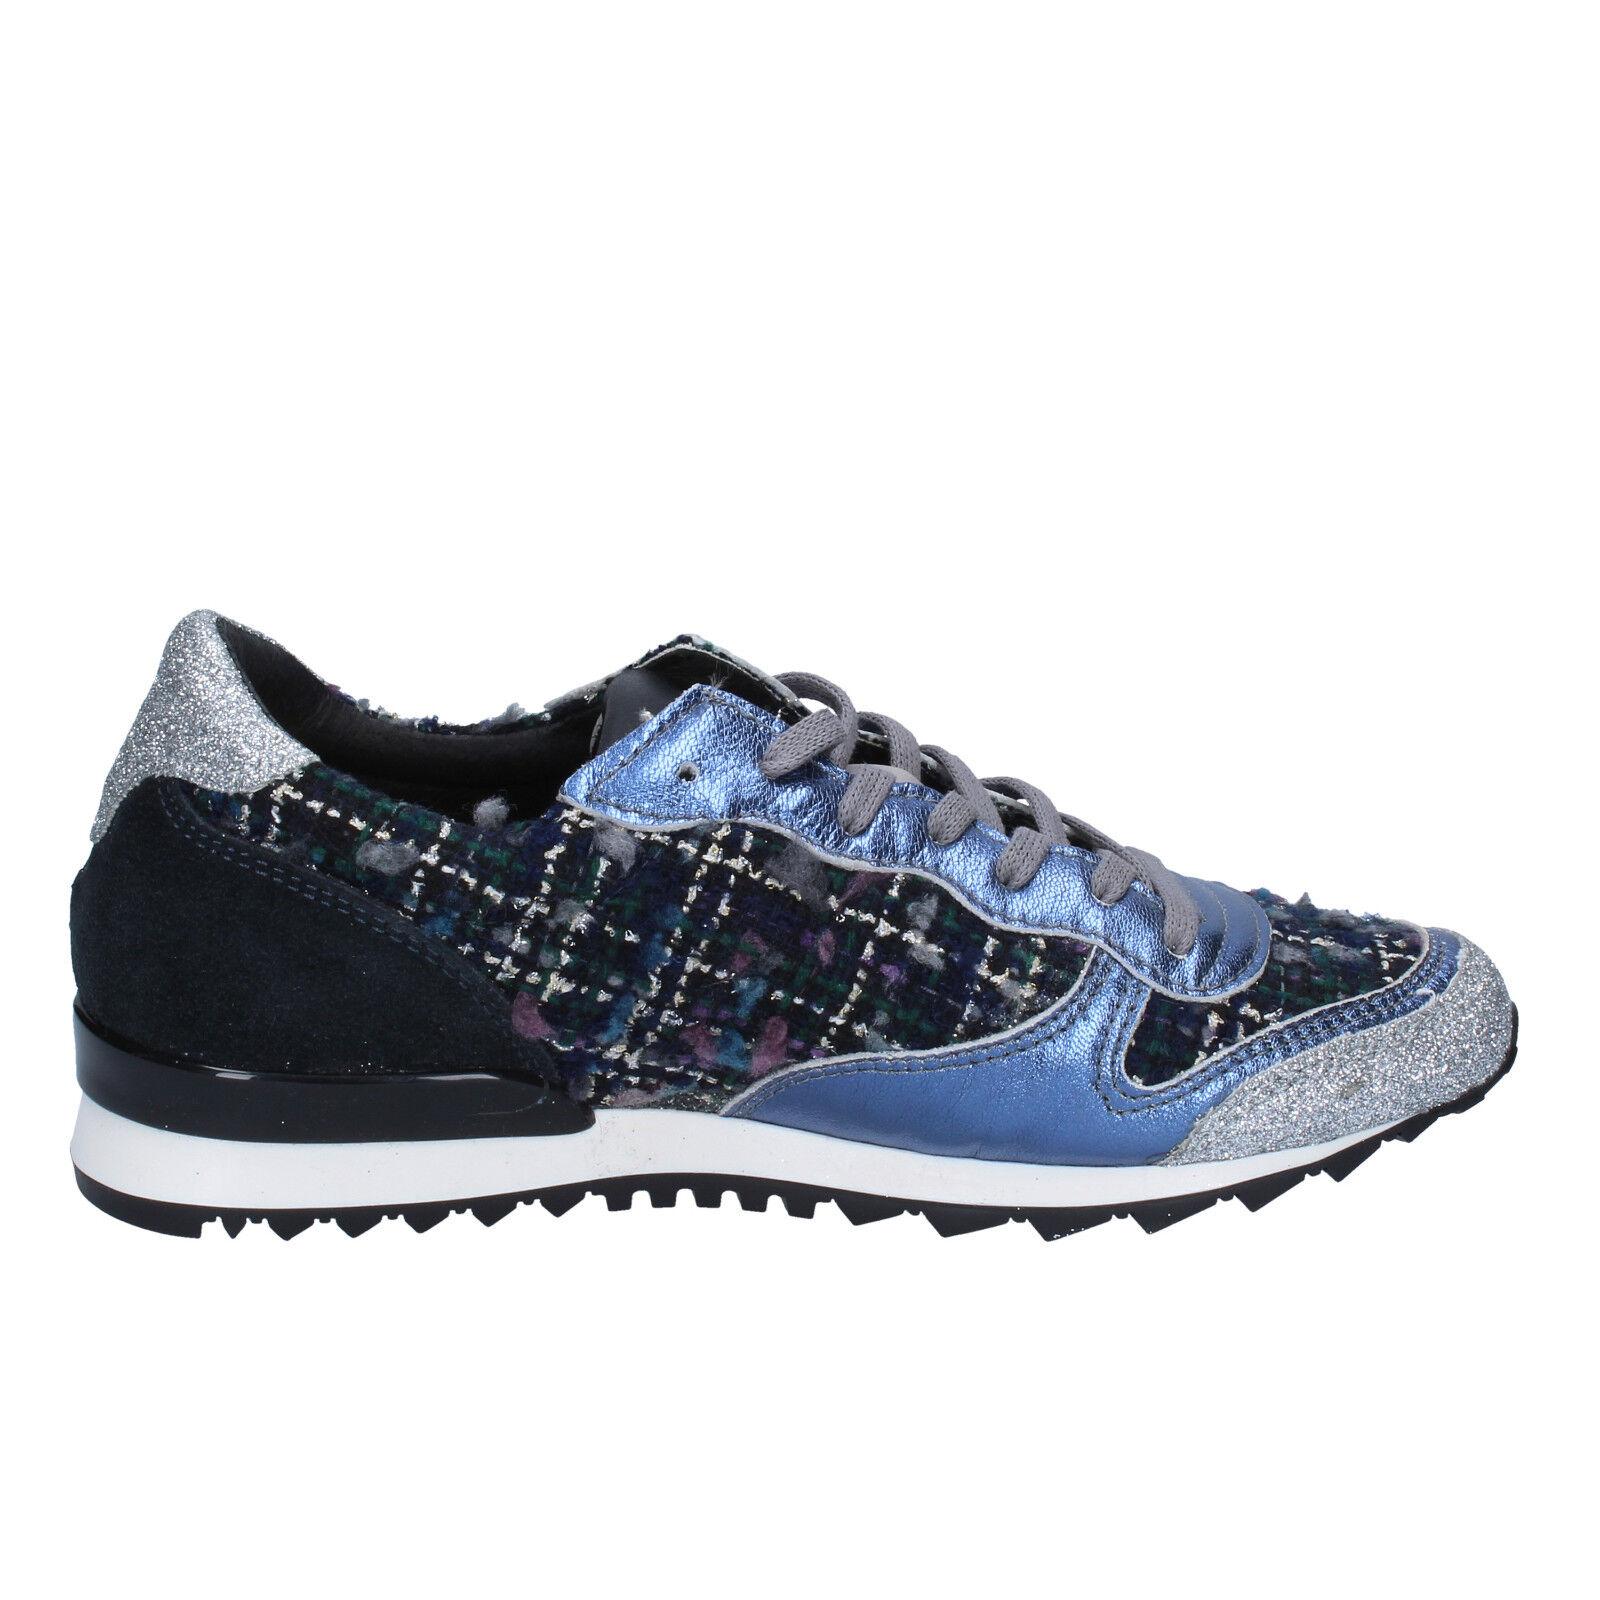 damen schuhe D.A.T.E. ( date ) 38 sneakers blau silber glitter textil BX59-38